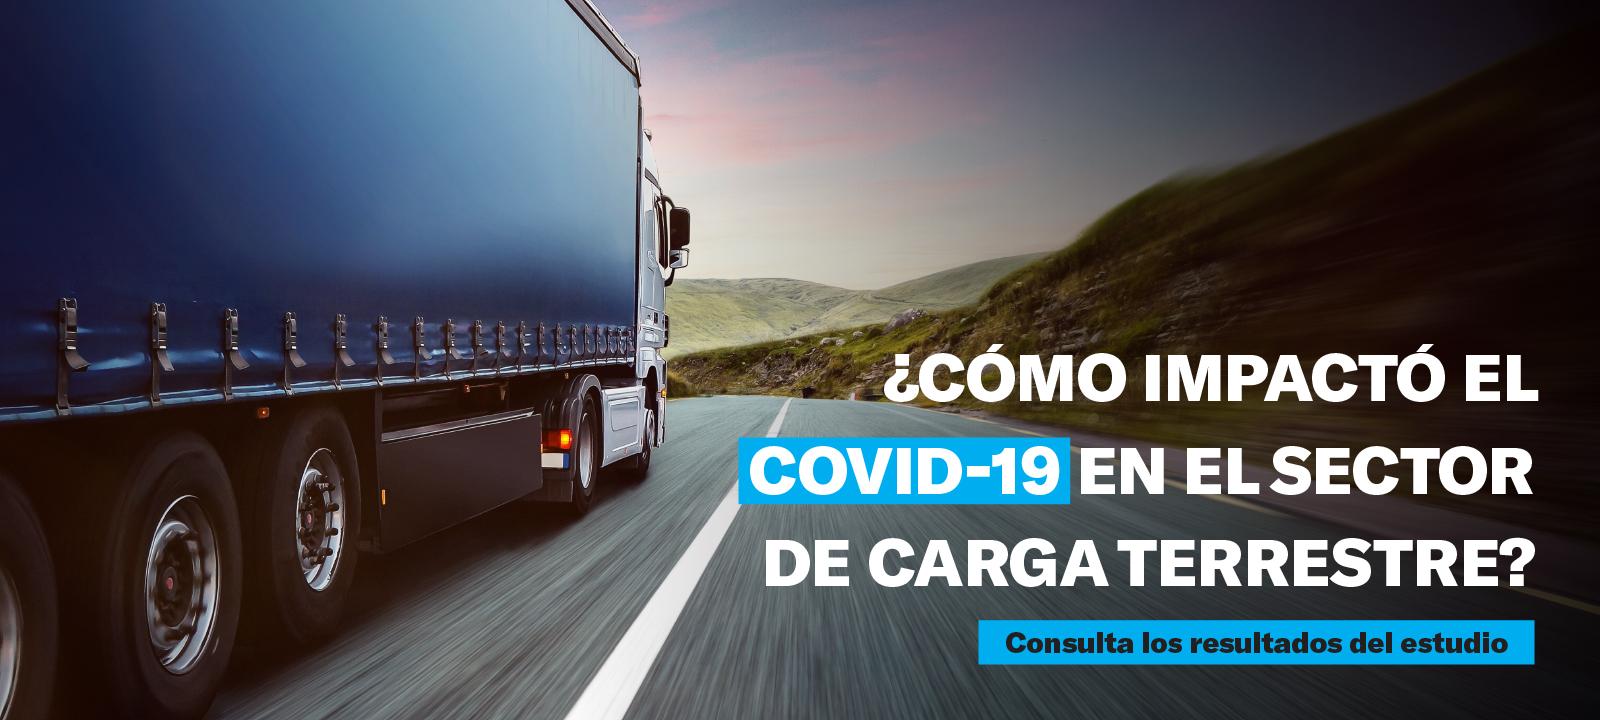 Impacto del Covid-19 en el sector de carga terrestre en Colombia y los indicios del retorno a la productividad